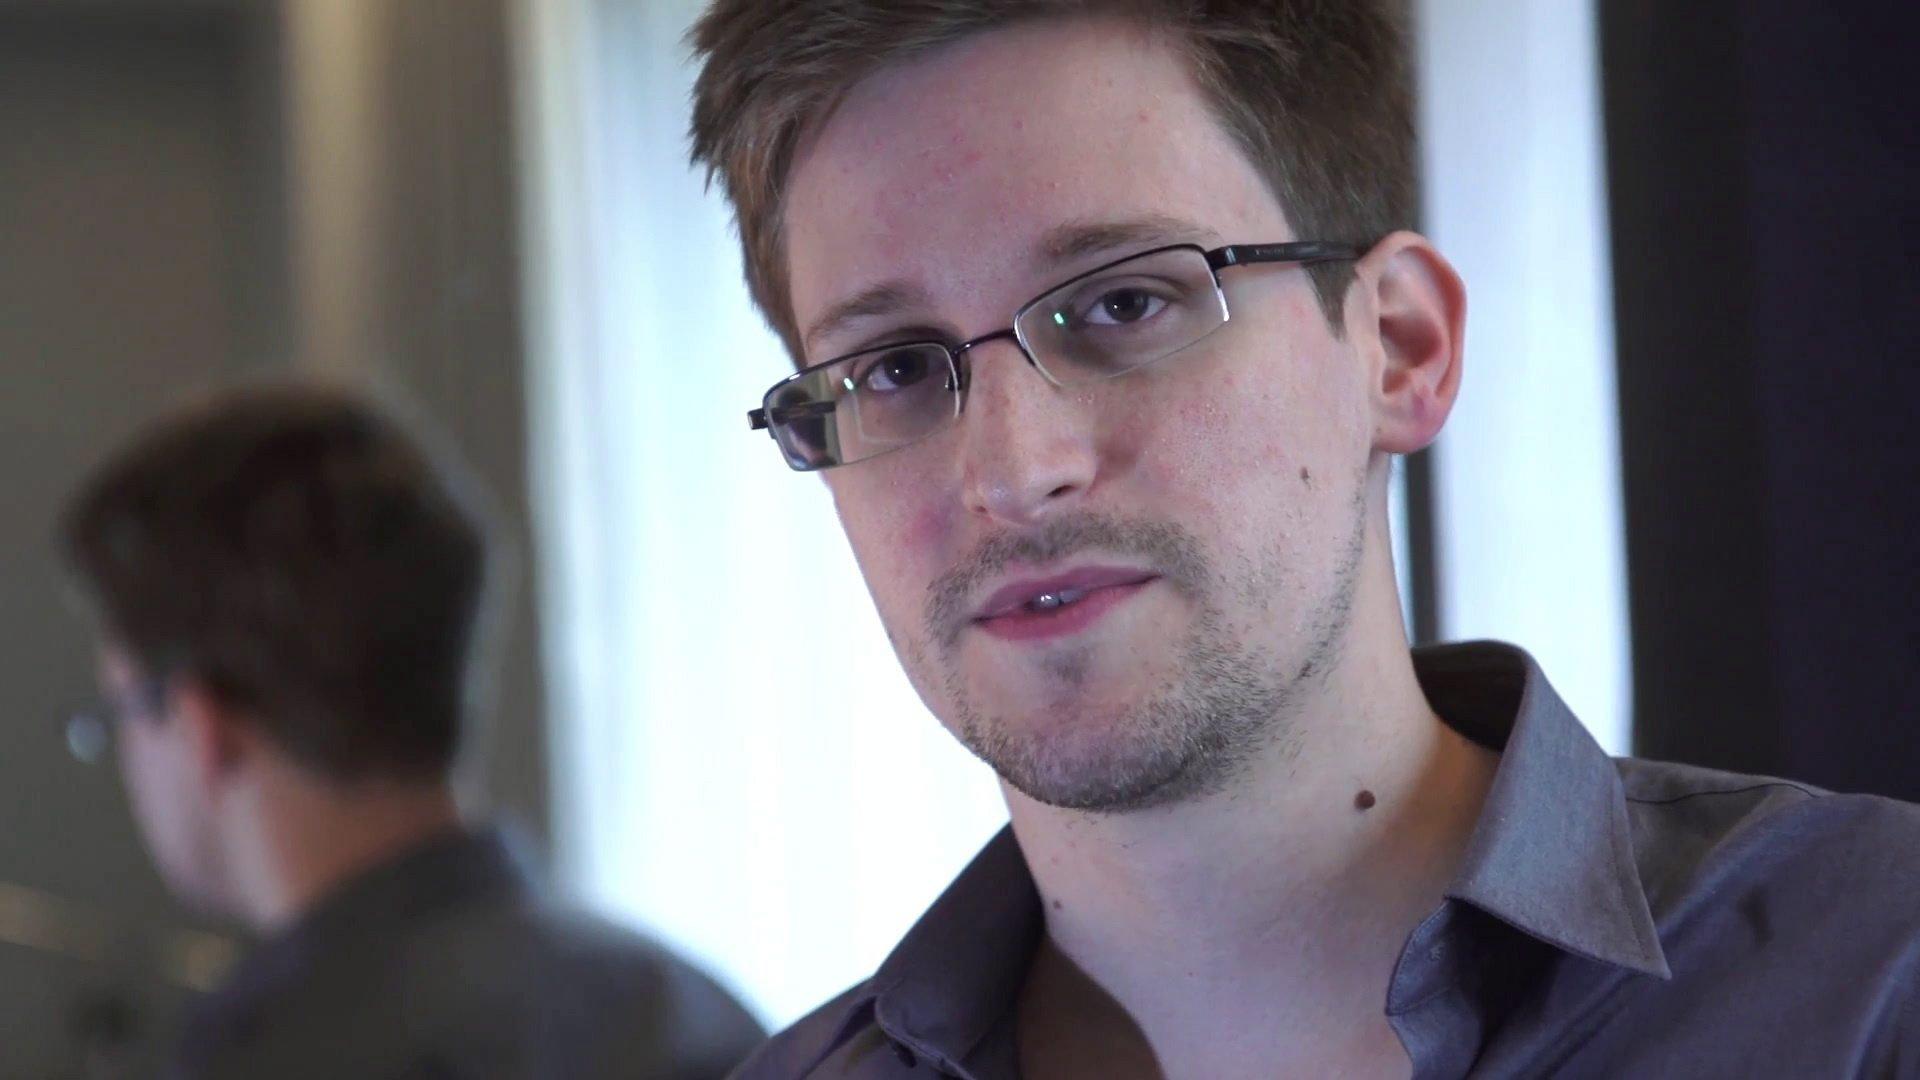 Im Videointerview sagt Snowden, dass Dienste wie Dropbox die Privatsphäre der User nicht schützen. Er empfiehlt daher Alternativen wie Spideroak.